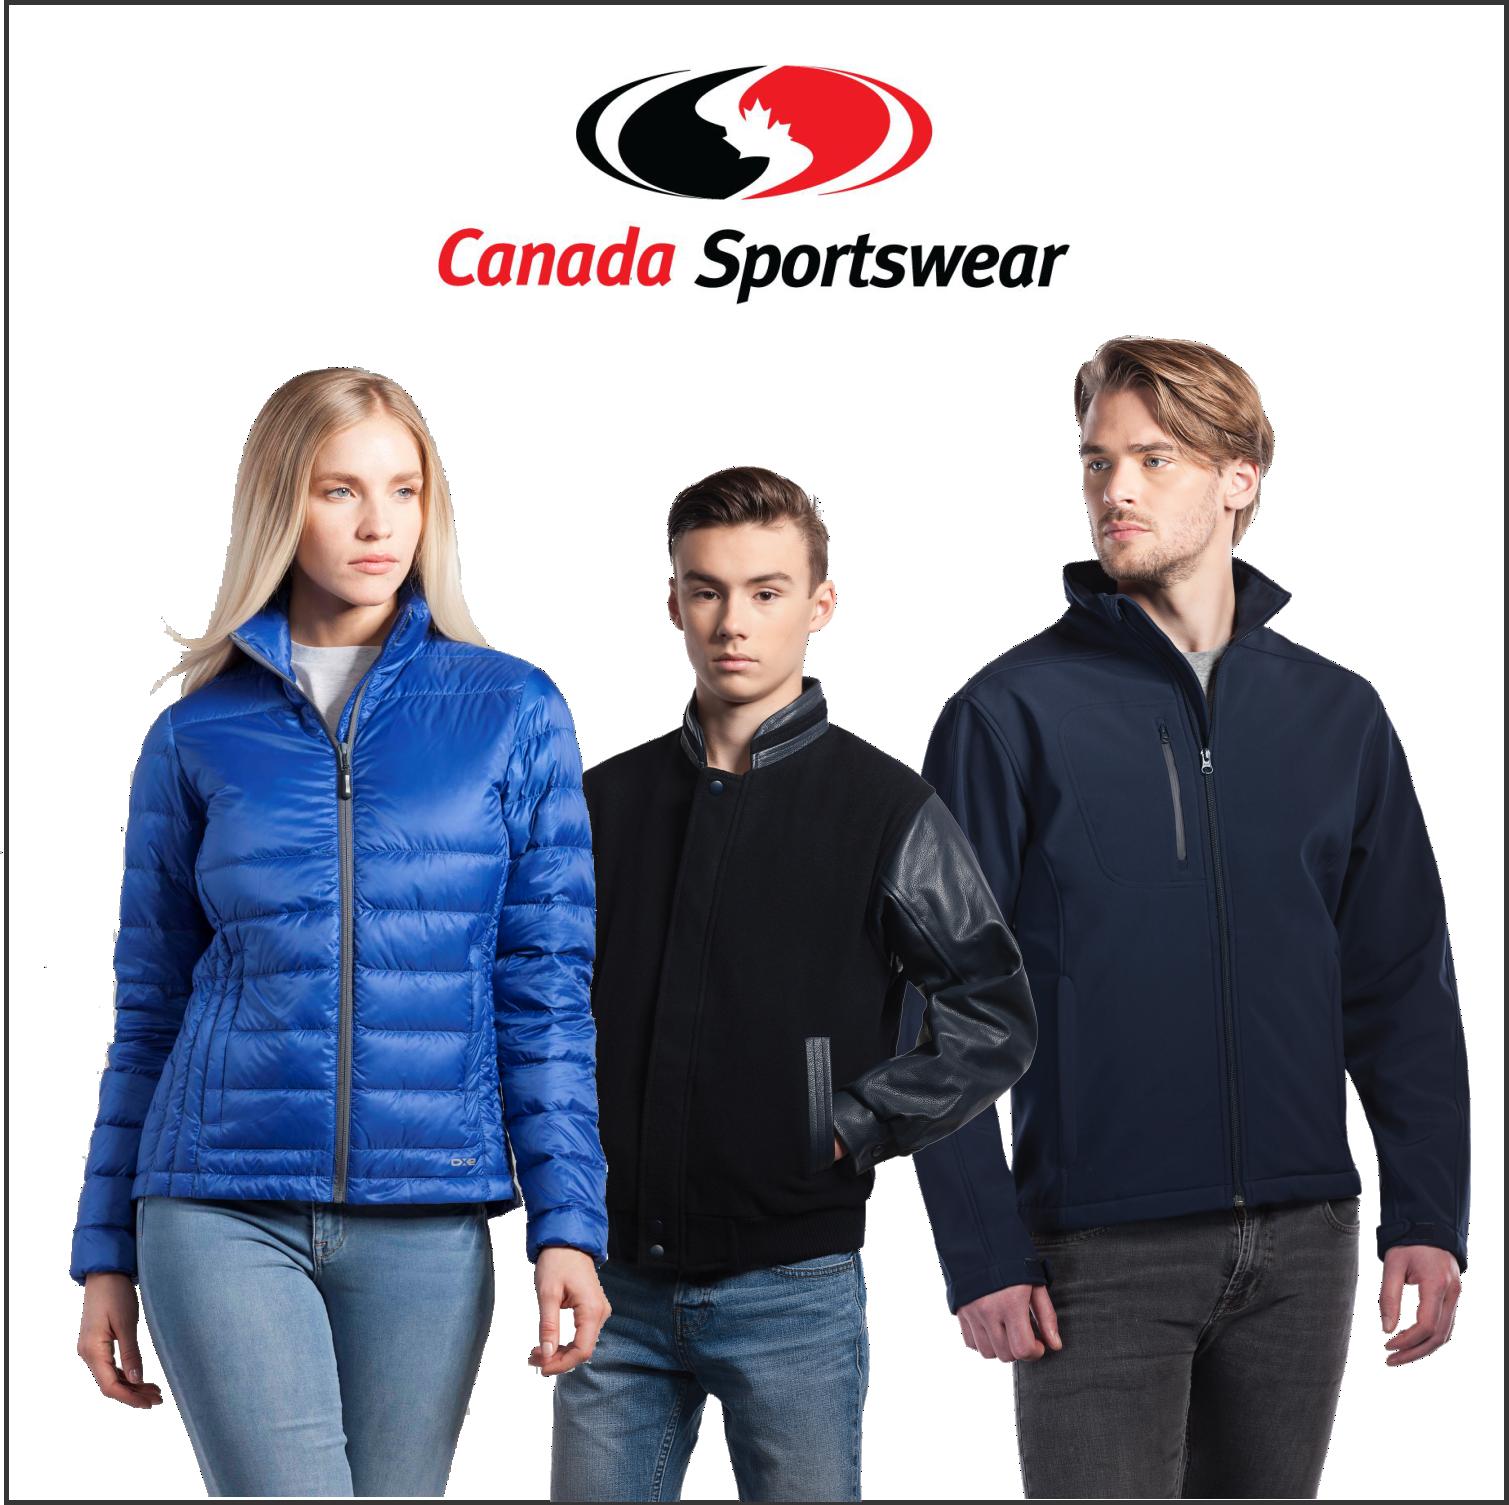 CDN Sportwear Button.png